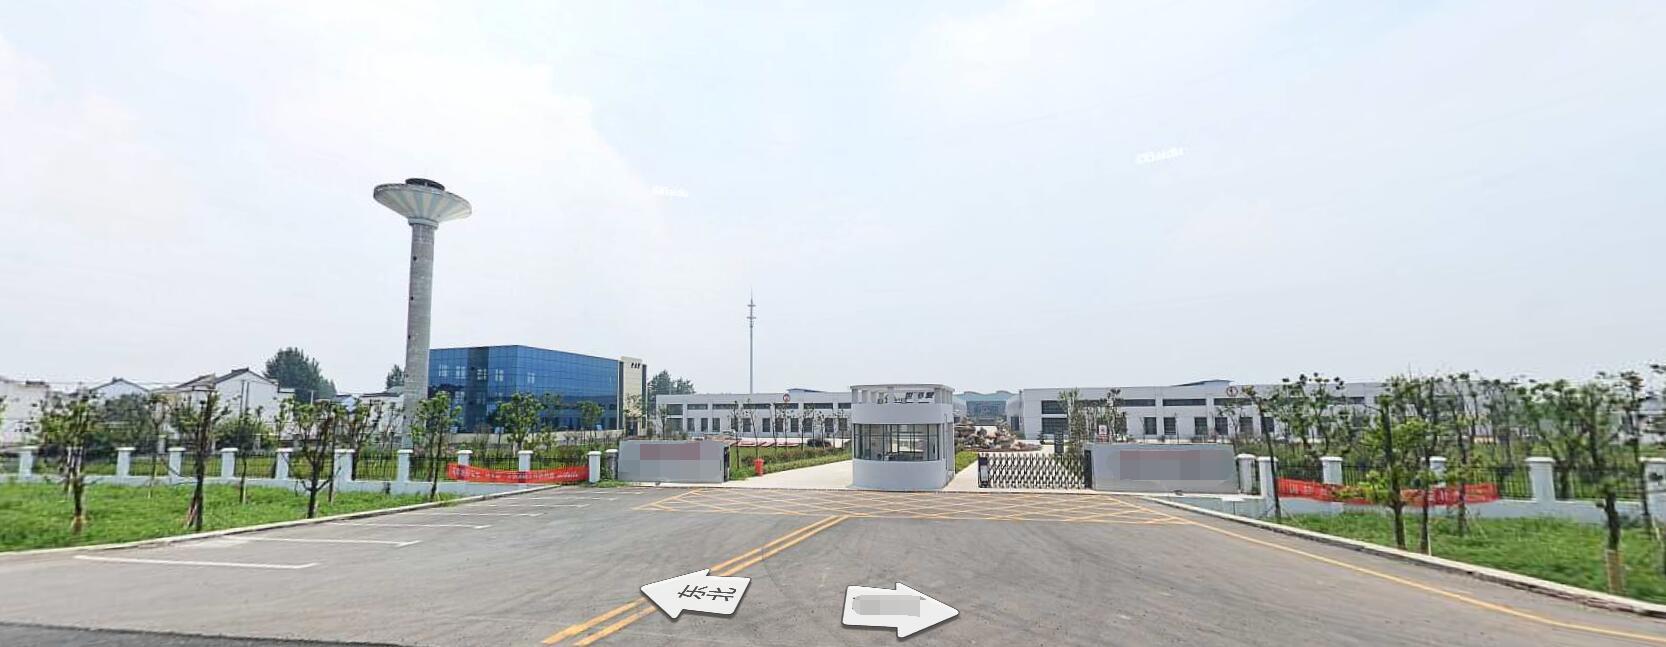 G1905 南京六合占地50亩工业用地 单层火车头式厂房2.3万平方米出售 6000万